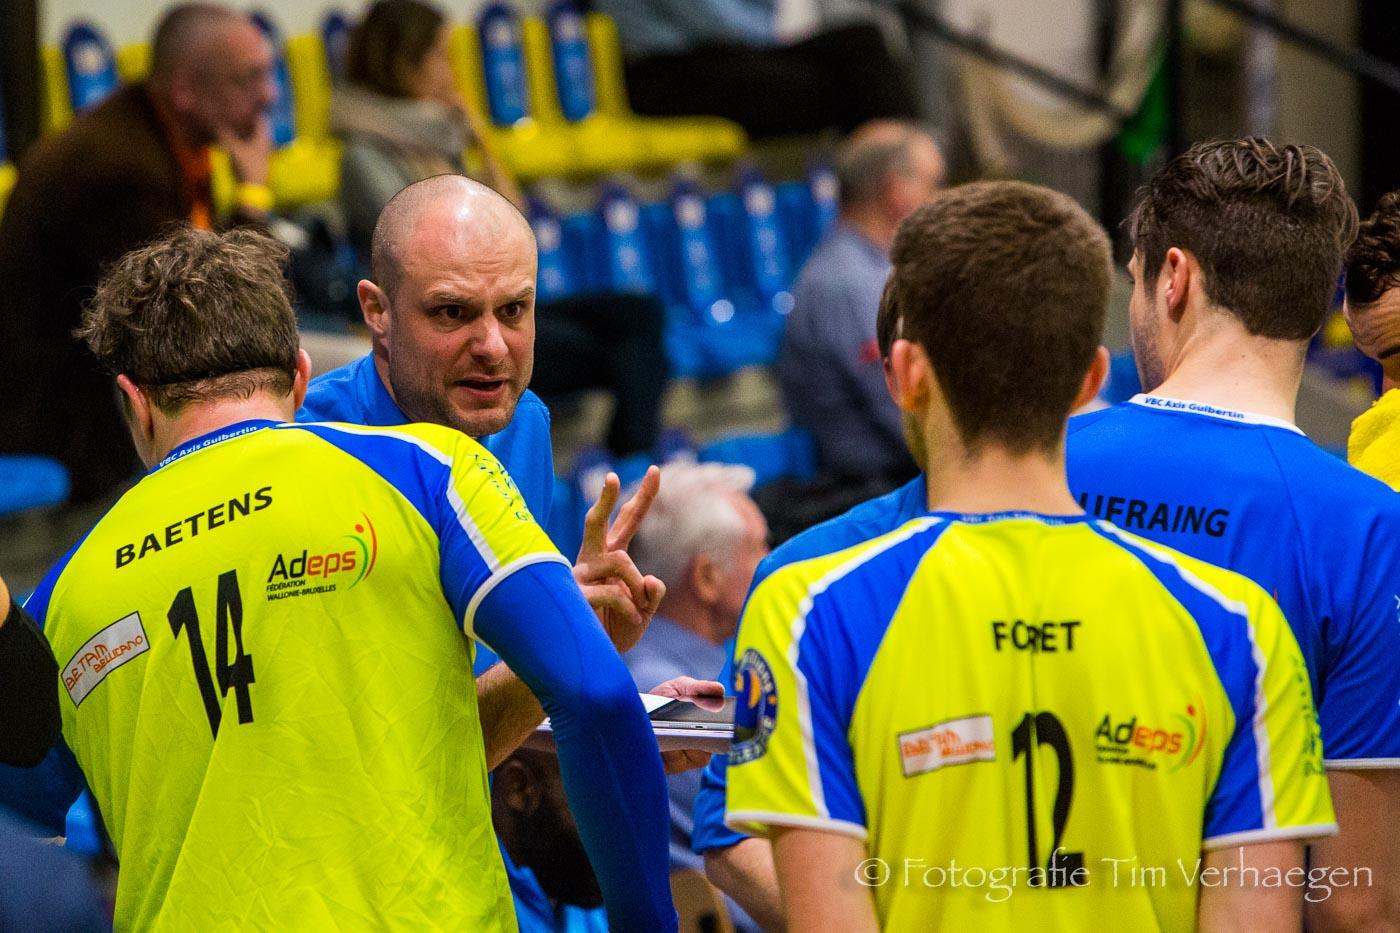 20180704: Guibertin coach Filip Van der Bracht tijdens de EuroMillions Volley League wedstrijd tegen Haasrode.